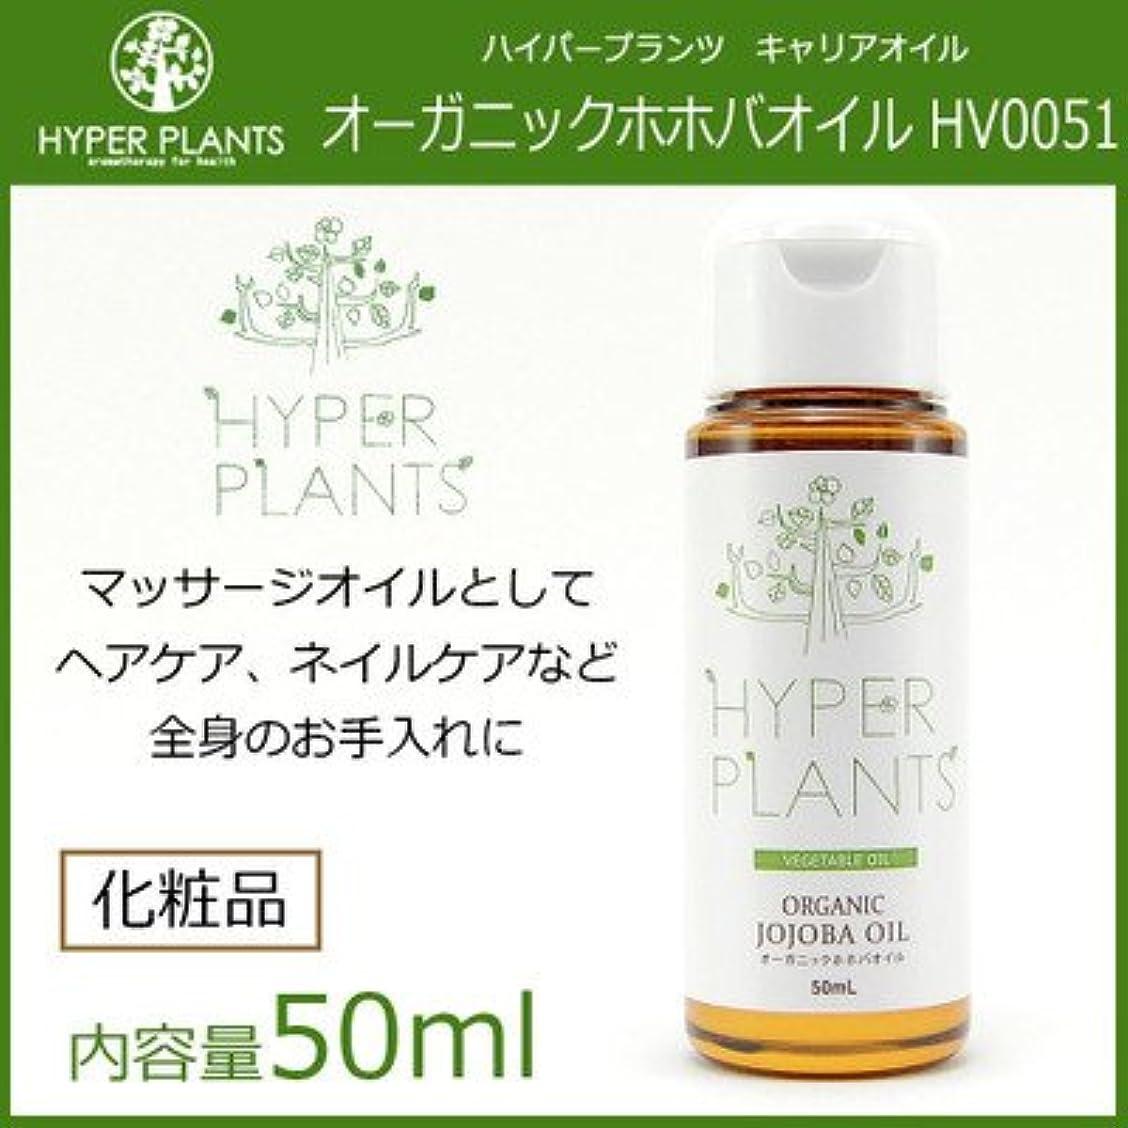 報告書うそつきクラシカル天然植物原料100%使用 肌なじみが良い定番オイル HYPER PLANTS ハイパープランツ キャリアオイル オーガニックホホバオイル 50ml HV0051